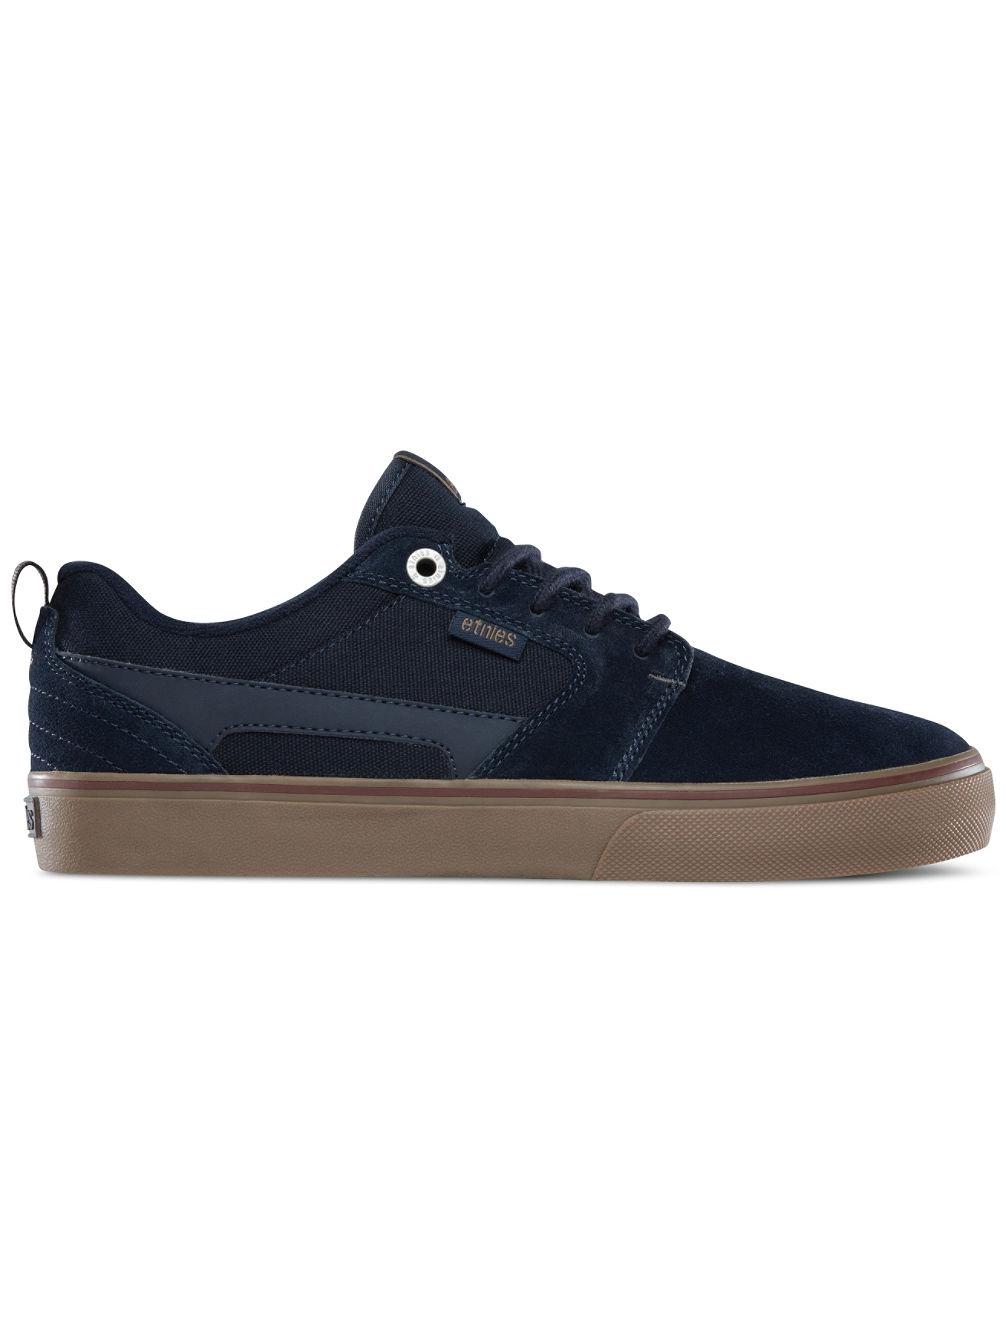 rap-ct-skate-shoes